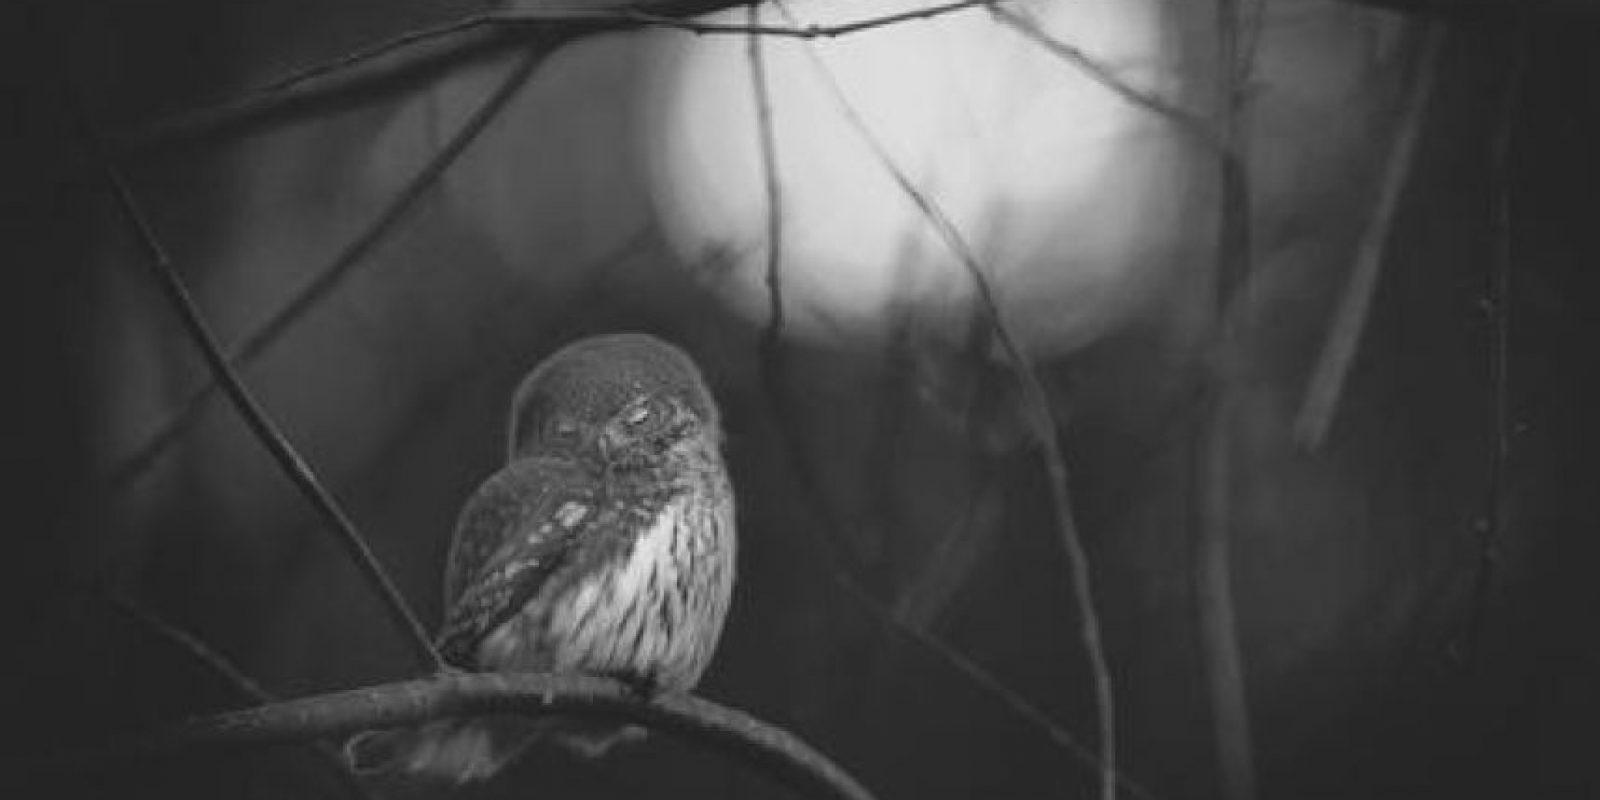 3- Blanco y negro. Requién por un búho En la primera luz del alba, Mats Andersson utiliza blanco y negro y atrapa el momento melancólico que siguió a la muerte del compañero de este búho enano. Mats Andersson, SUECIA Foto:MWN